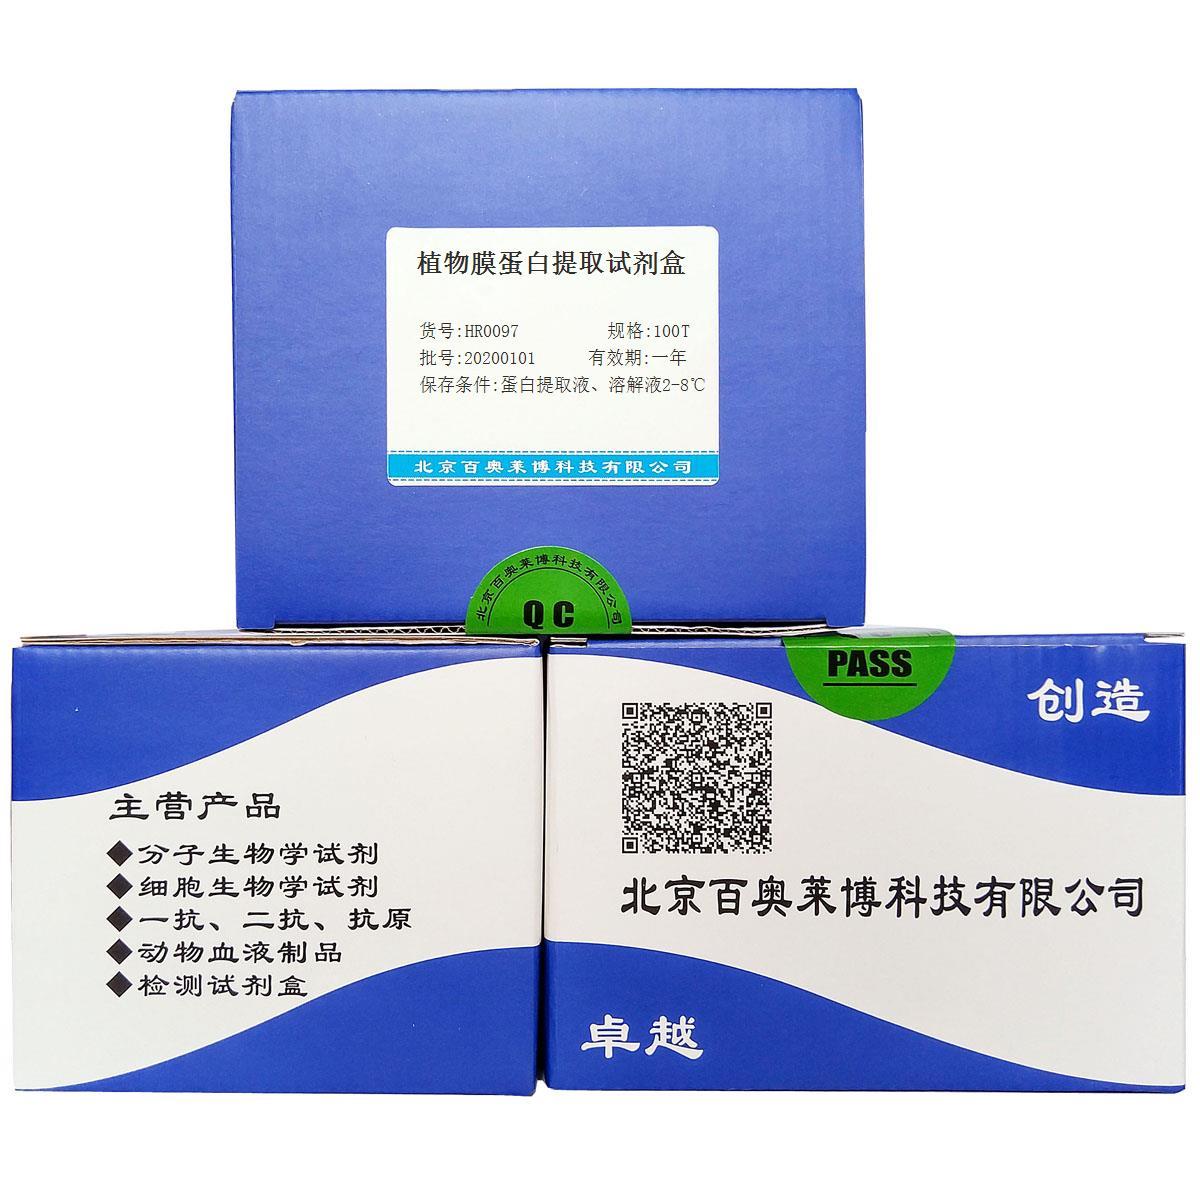 植物膜蛋白提取试剂盒北京现货